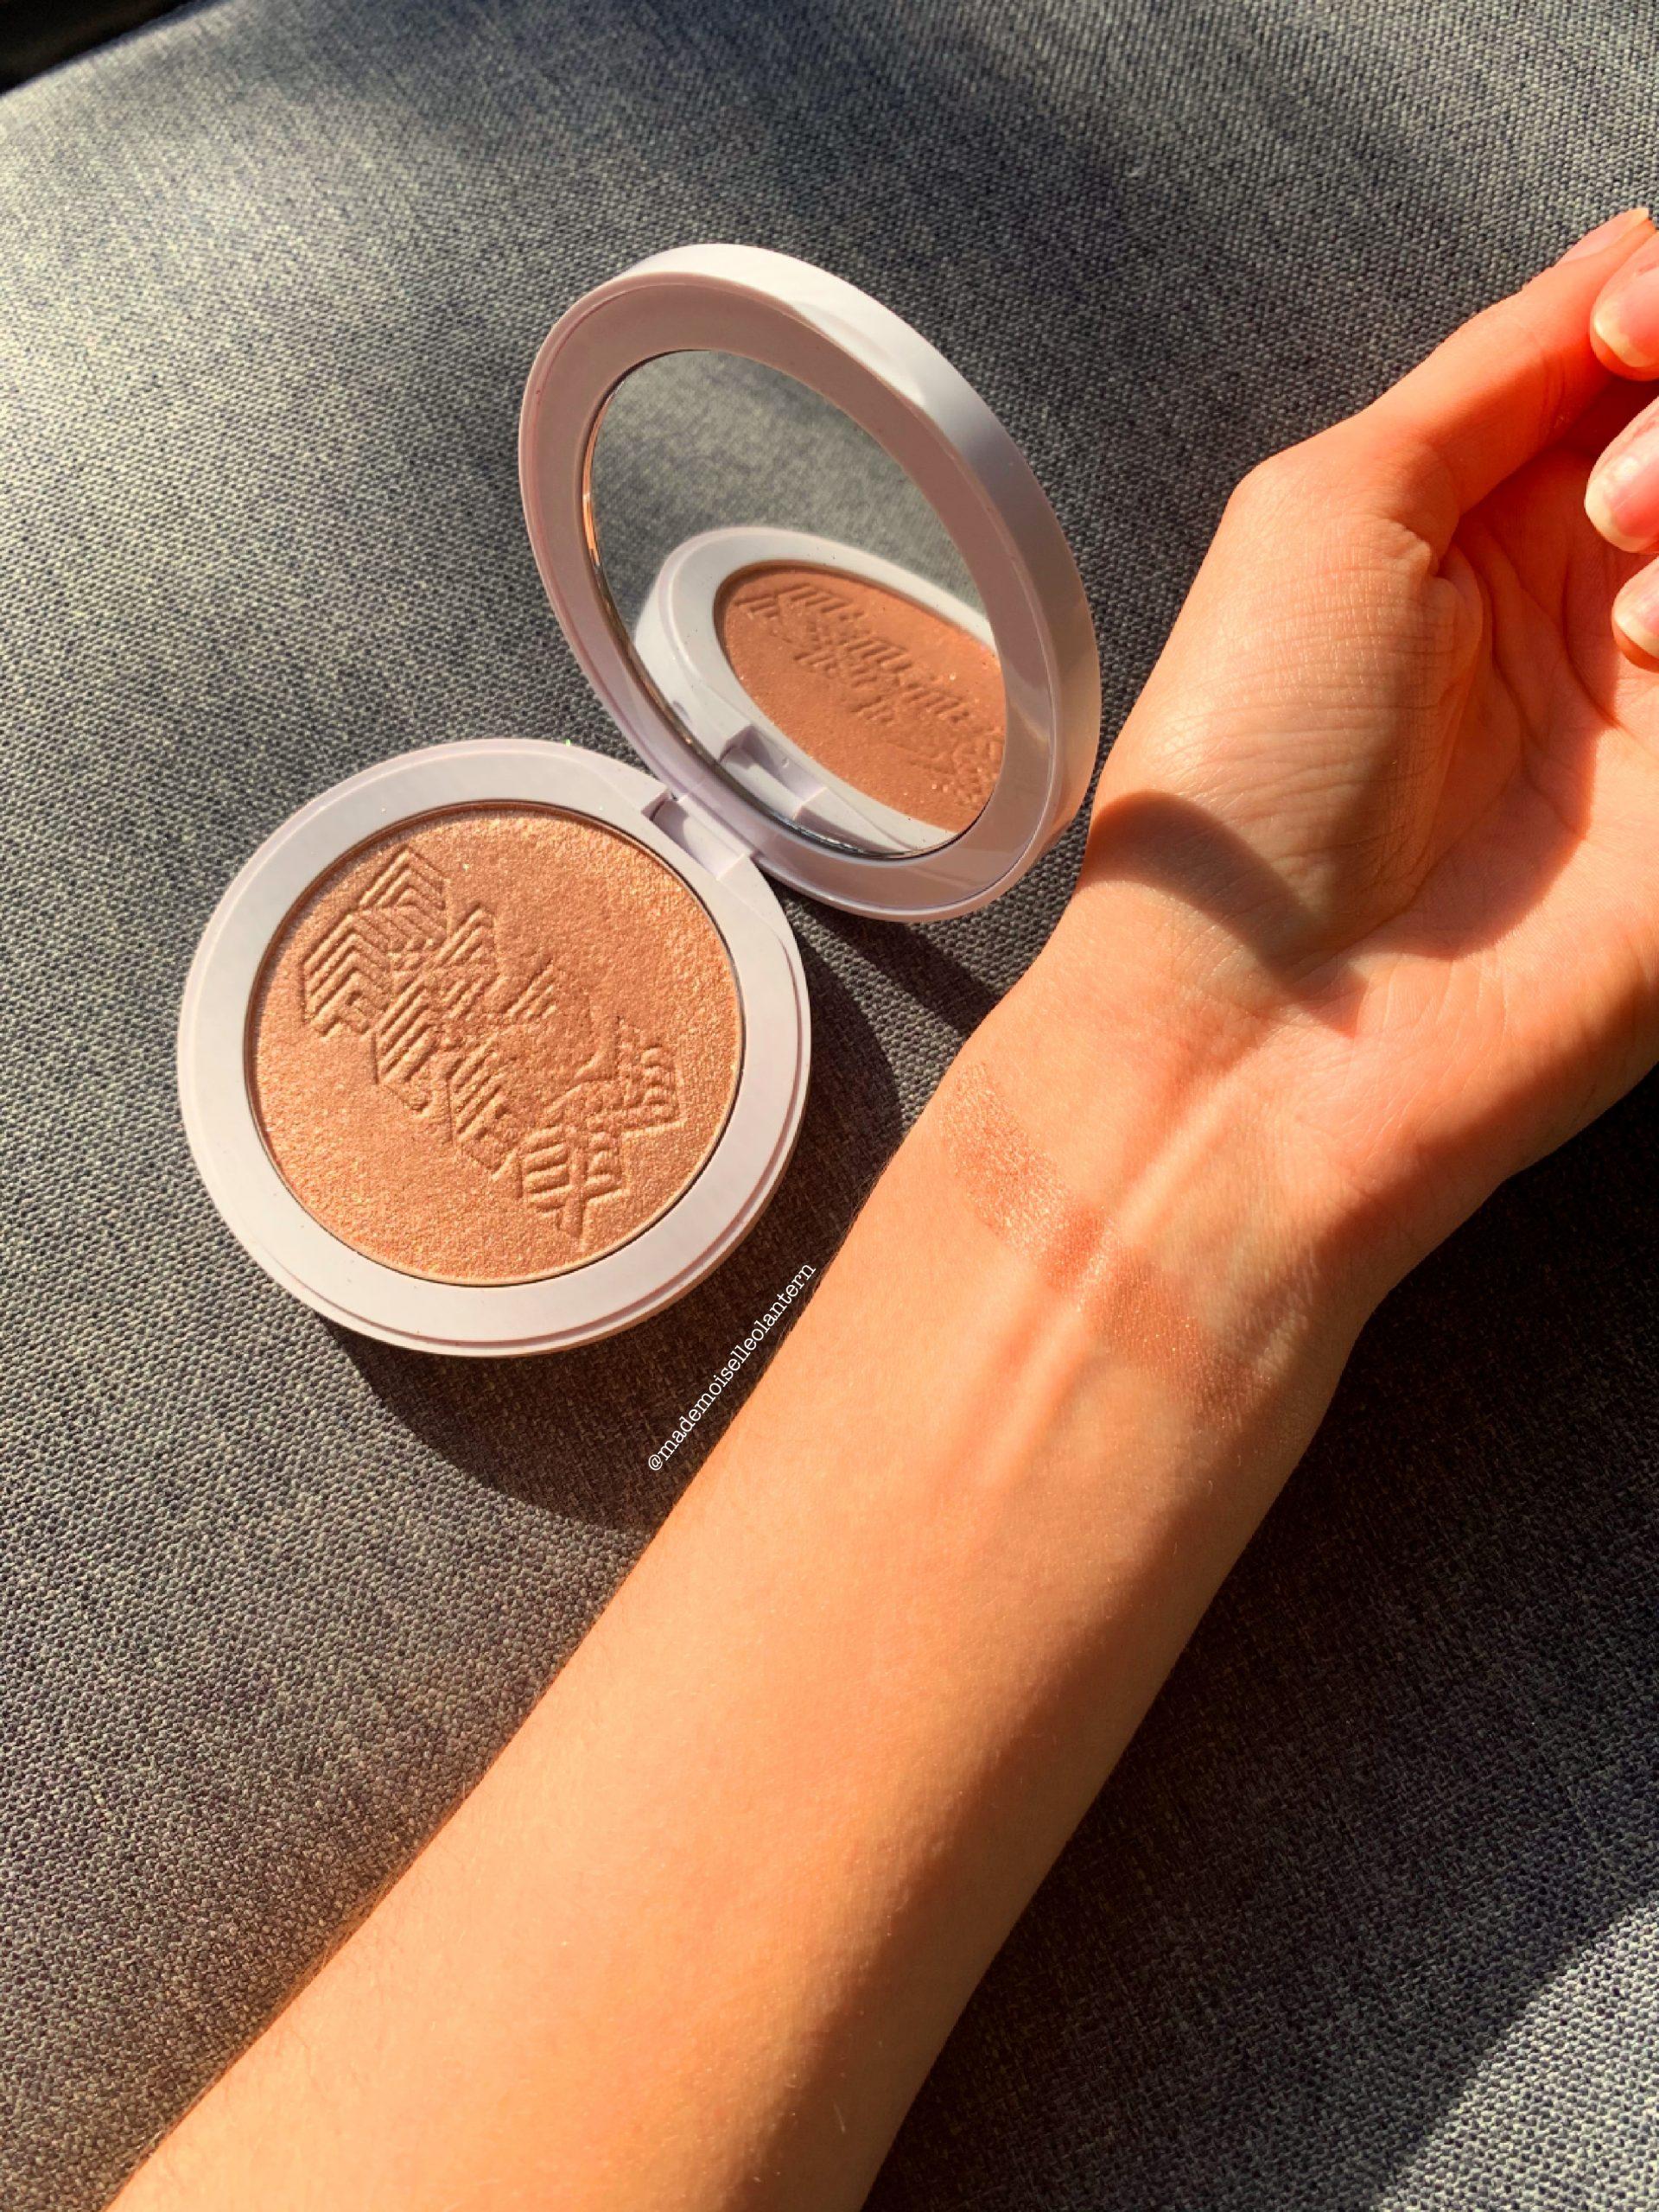 milk makeup flex highlighter review 3.jpg